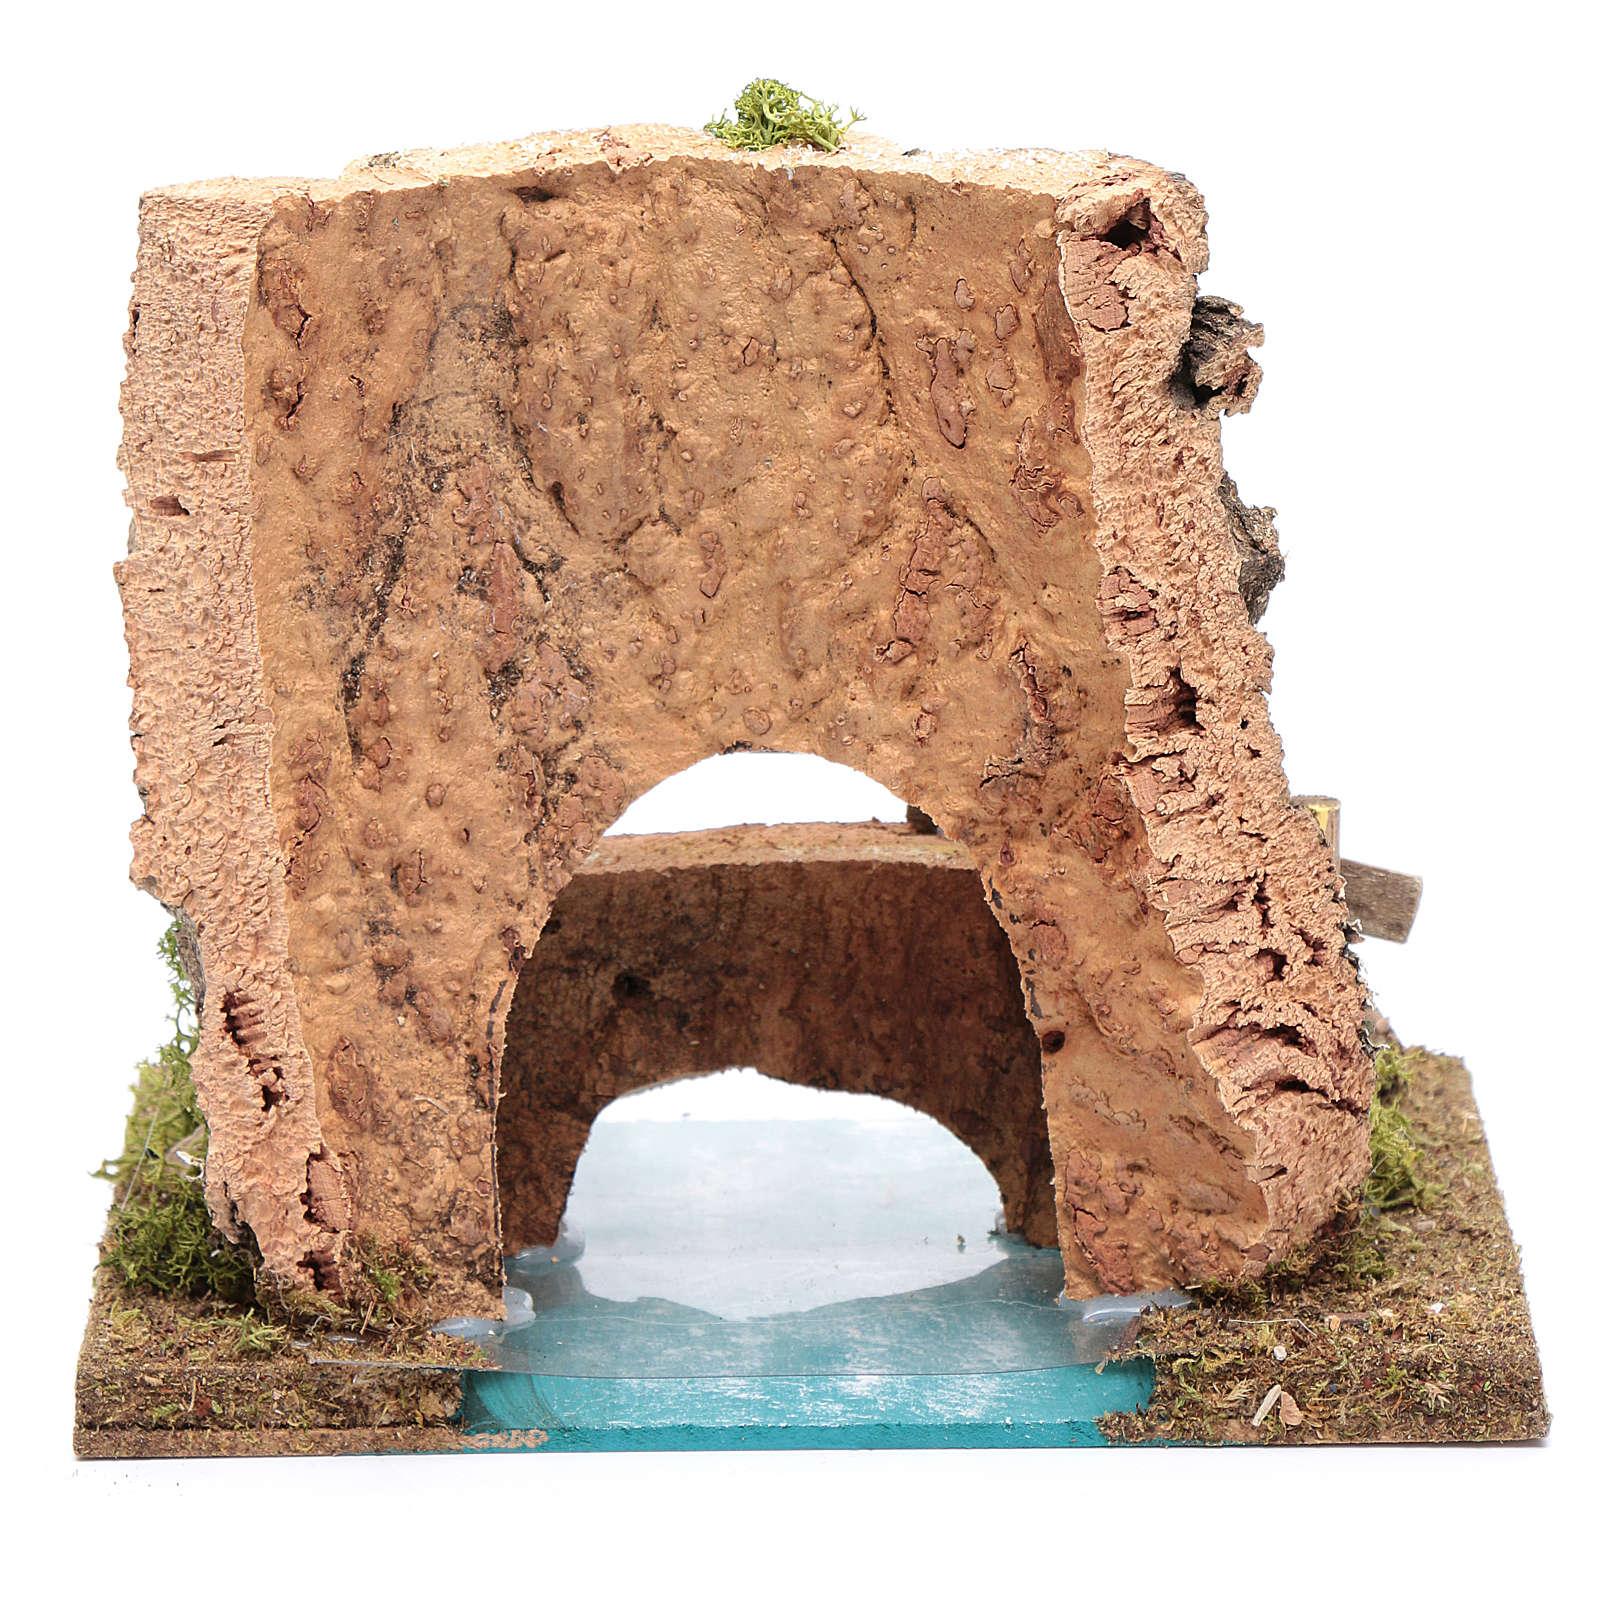 combinable river: bridge 15x20x15 cm 4